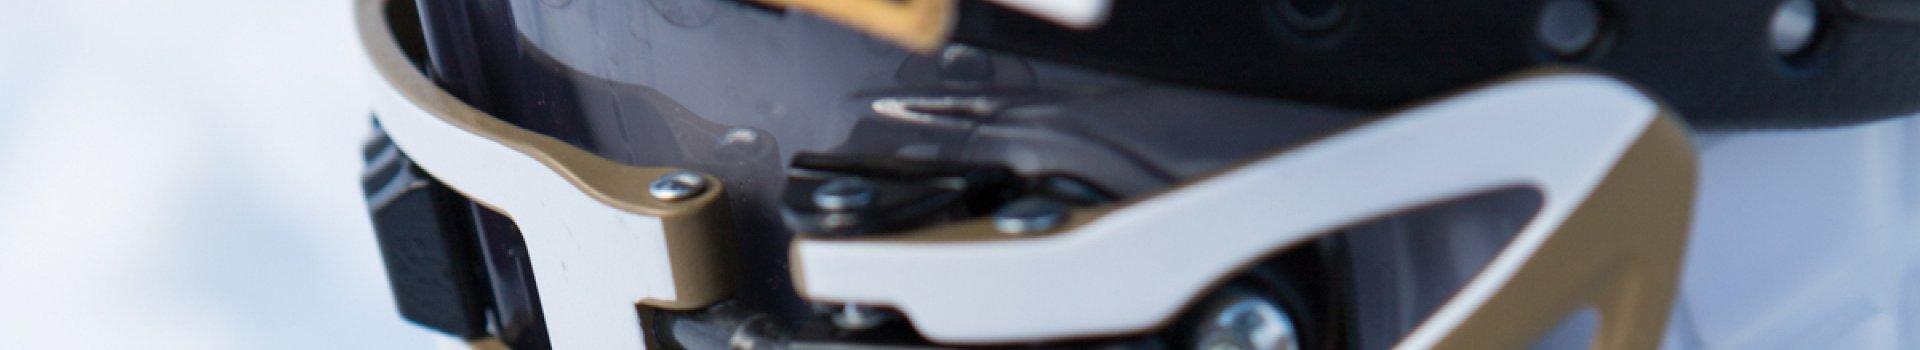 Buty narciarskie ATOMIC HAWX - najczęściej wybierane przez klientów SnowShop.pl